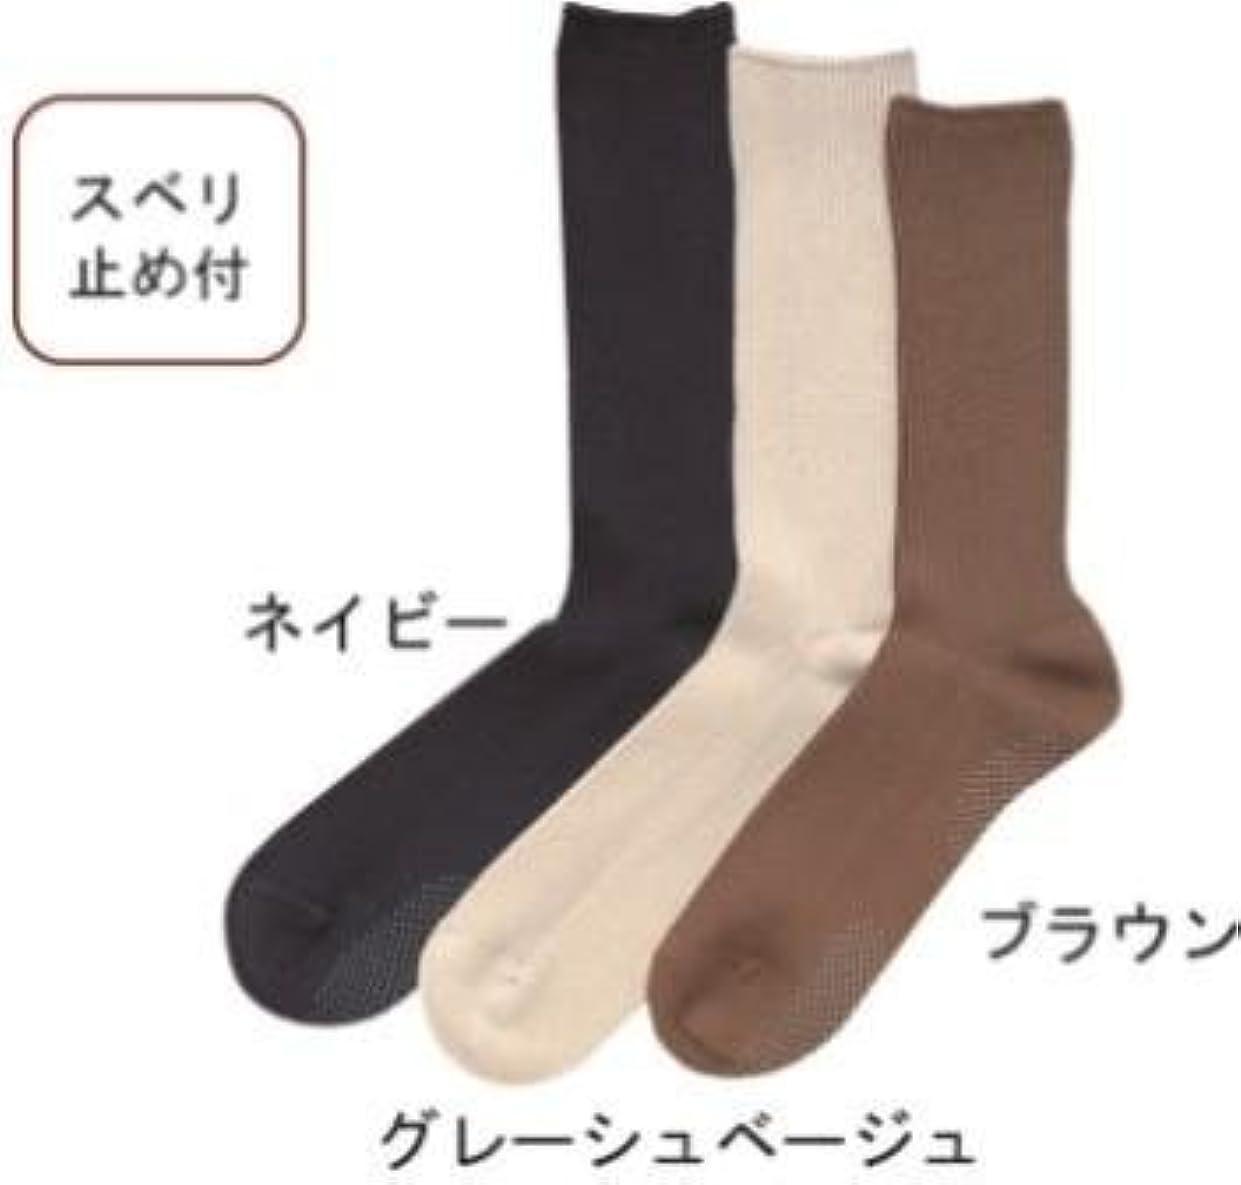 復讐素晴らしき麻痺靴下 紳士ソックス(通年用) (HL713):26~28cm ブラウン